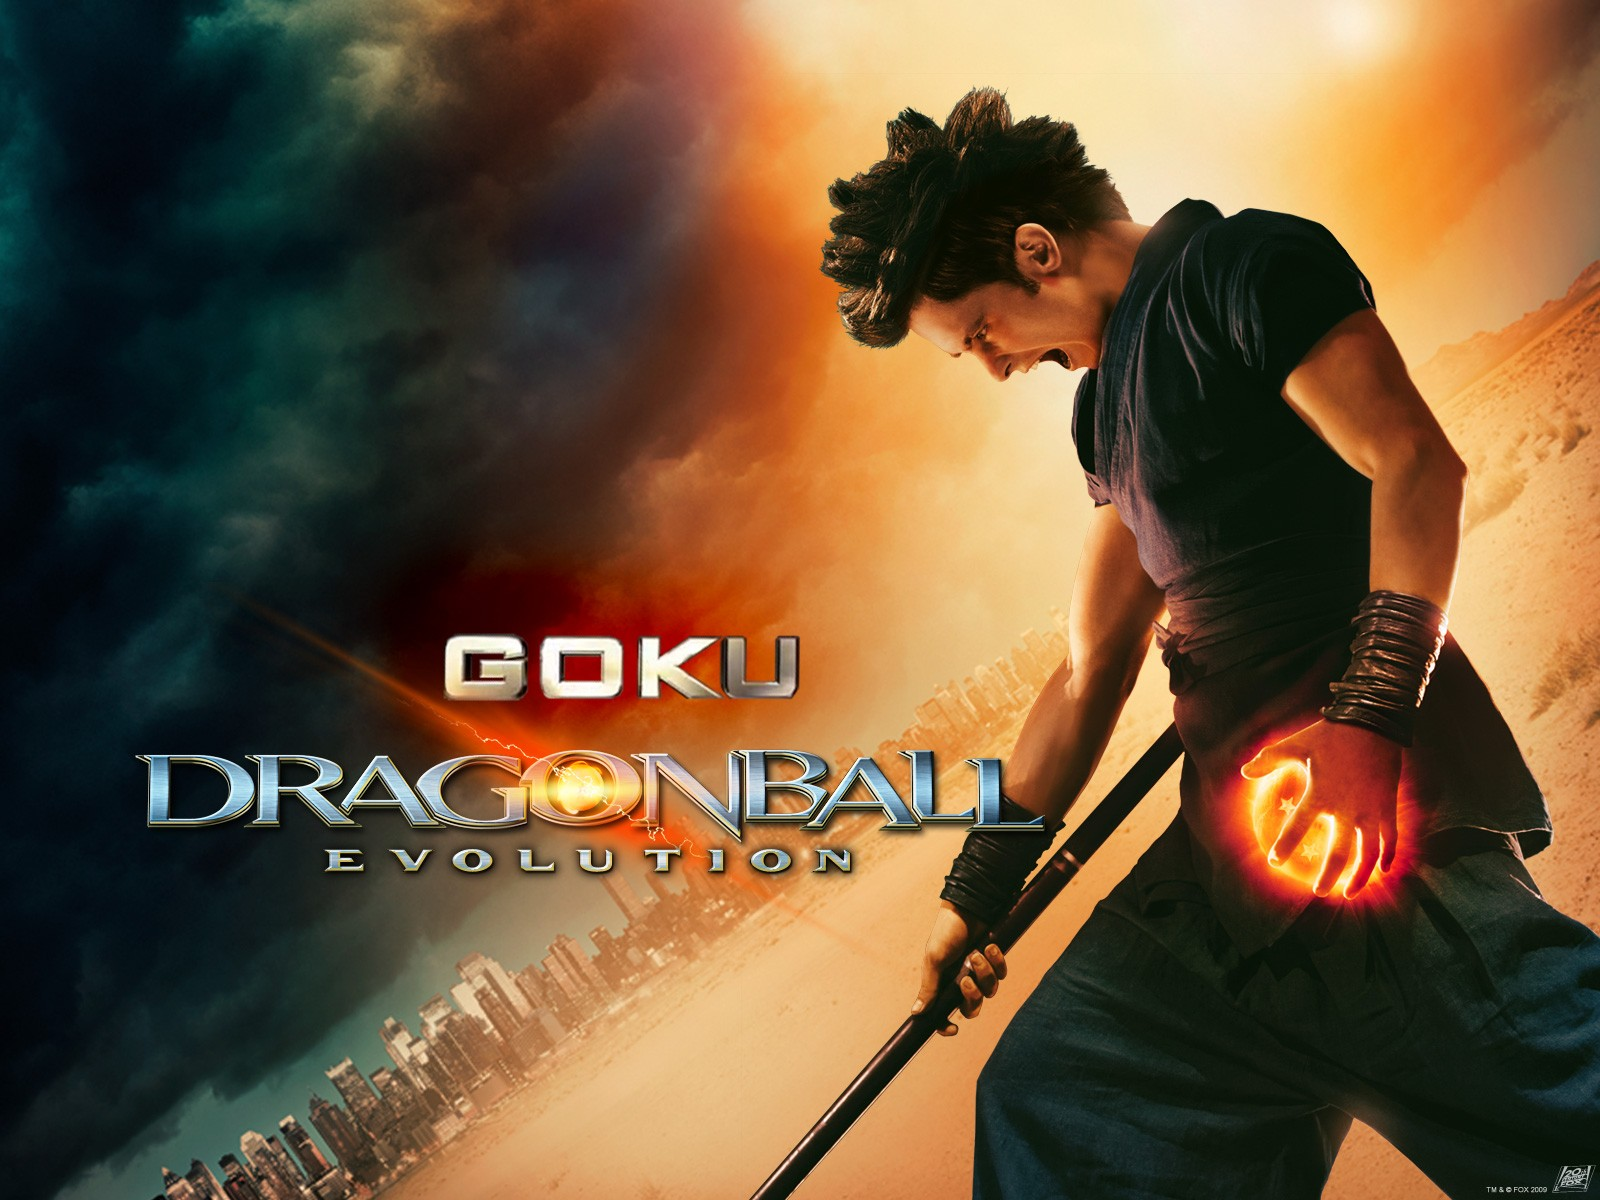 Wallpaper del film Dragonball con Justin Chatwin nei panni di Goku